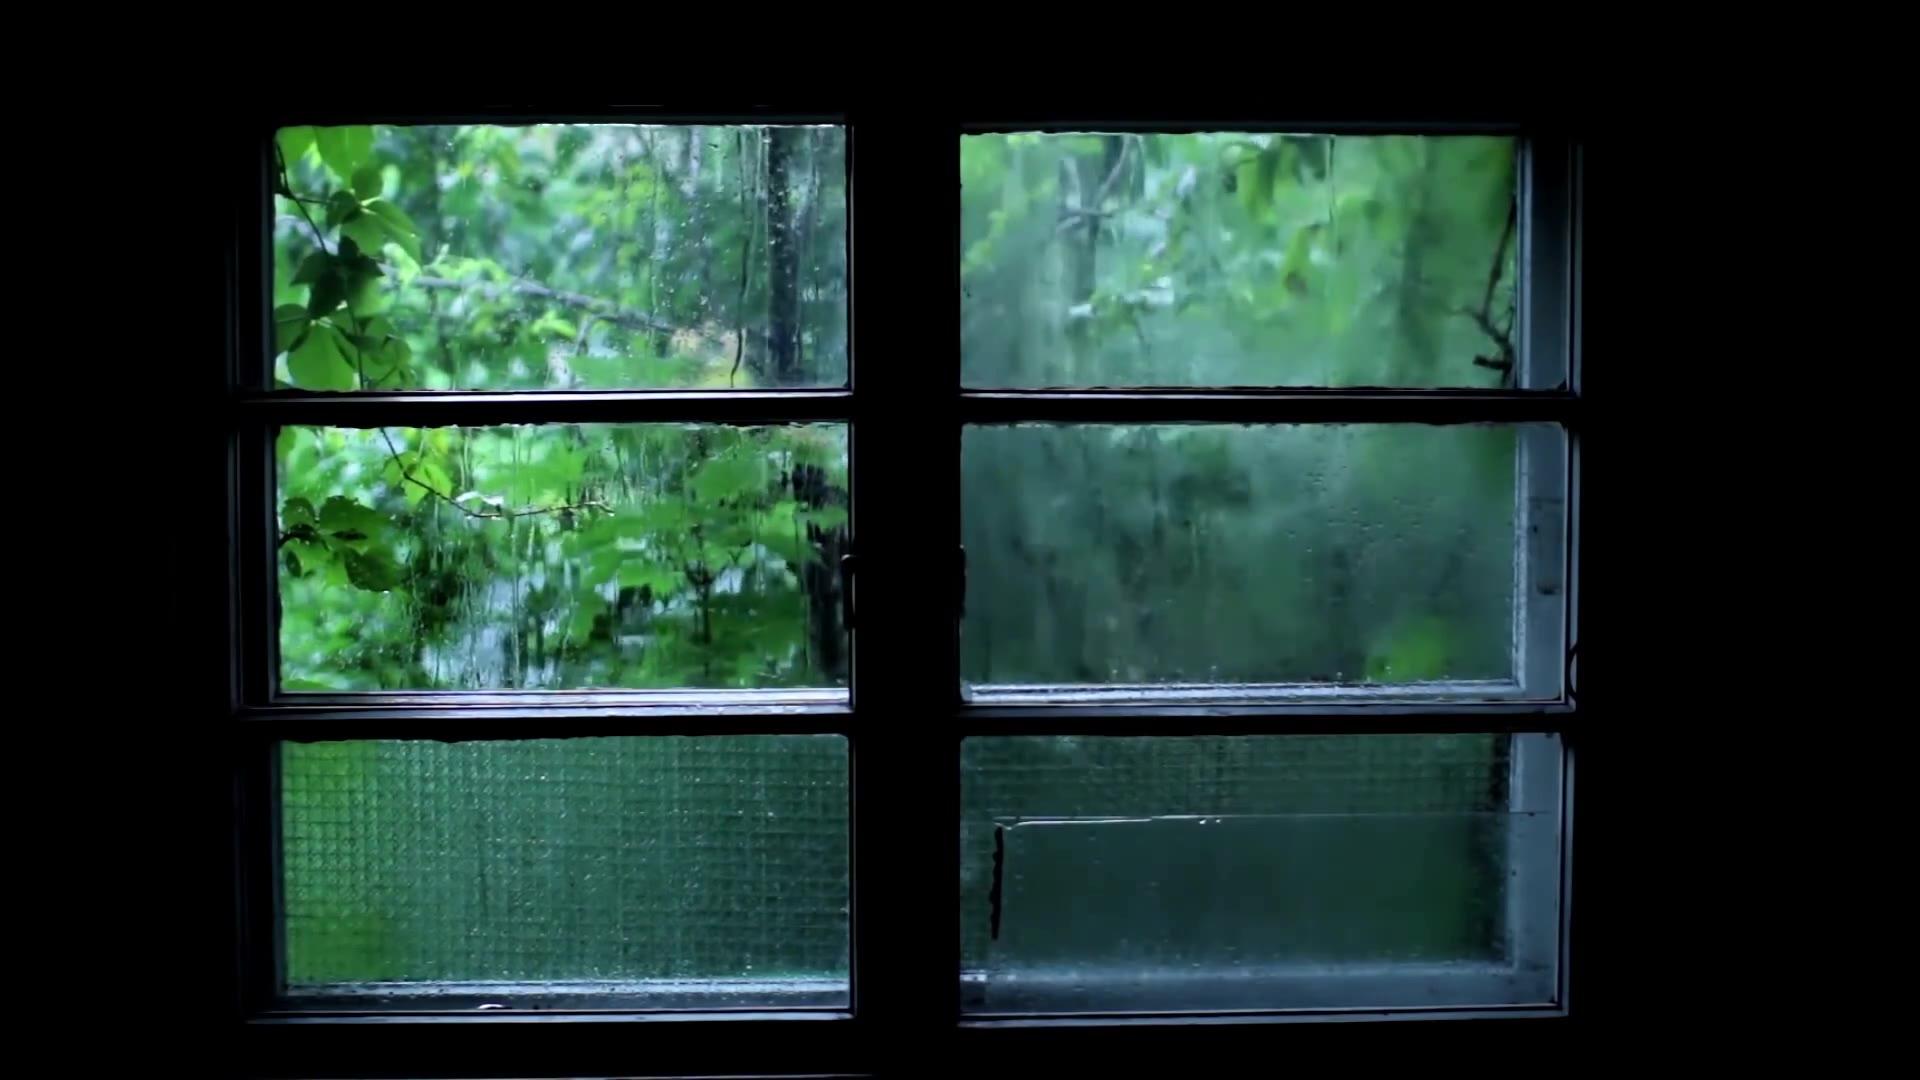 【自然 治愈】聆听窗外雨声(适睡眠 放松 发呆时)